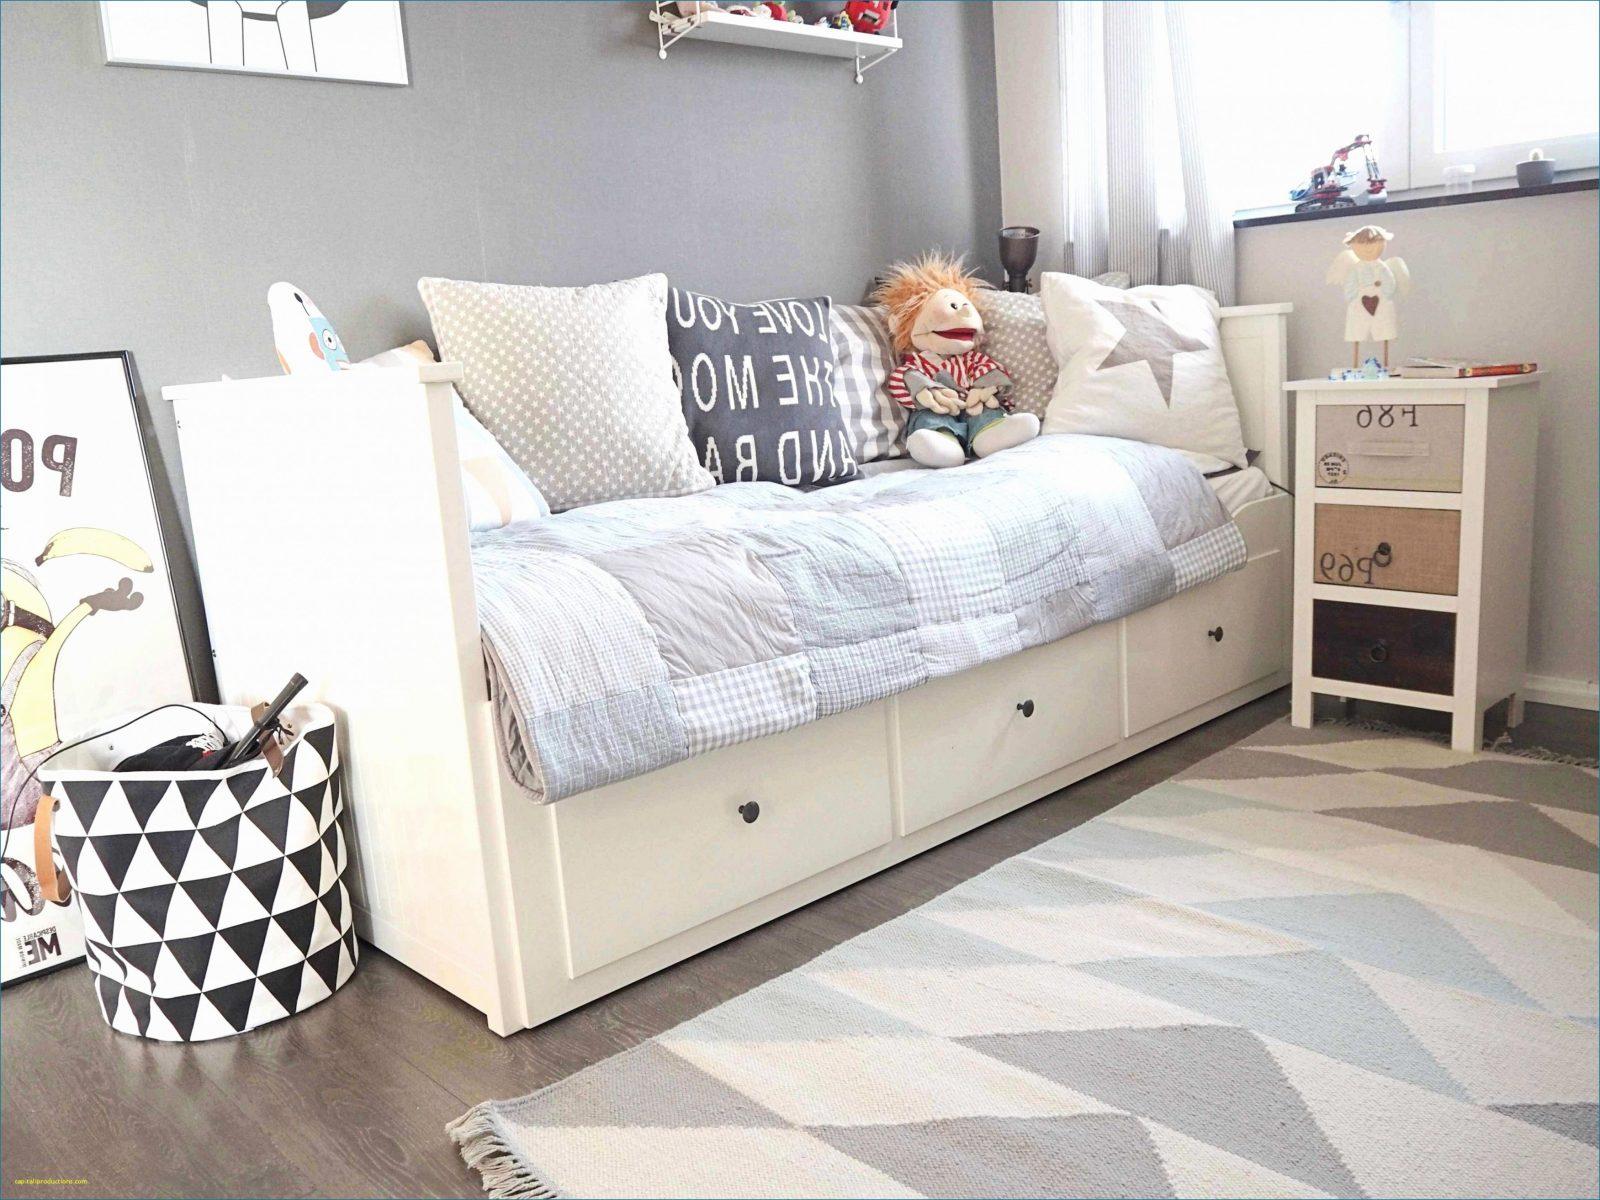 Jugendzimmer Bei Ikea — Haus Möbel von Ikea Jugendzimmer Für Jungs Bild